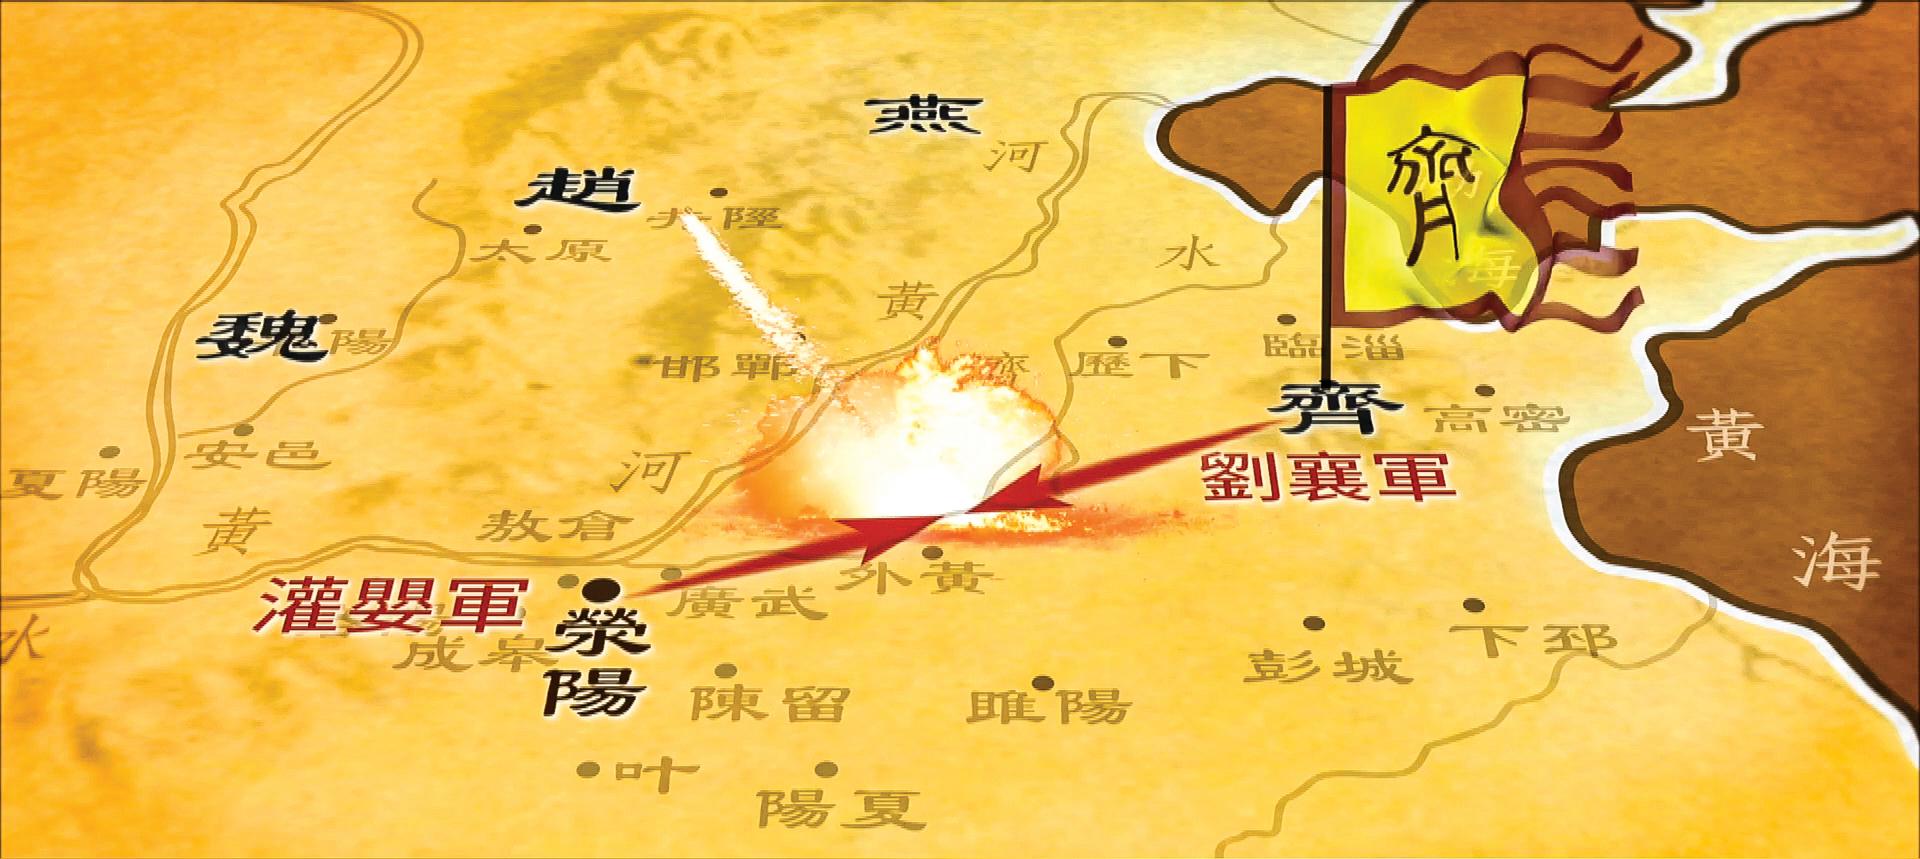 呂后去世後,齊王劉襄從齊國起兵,相國呂產命灌嬰領兵十萬出濴陽迎戰。